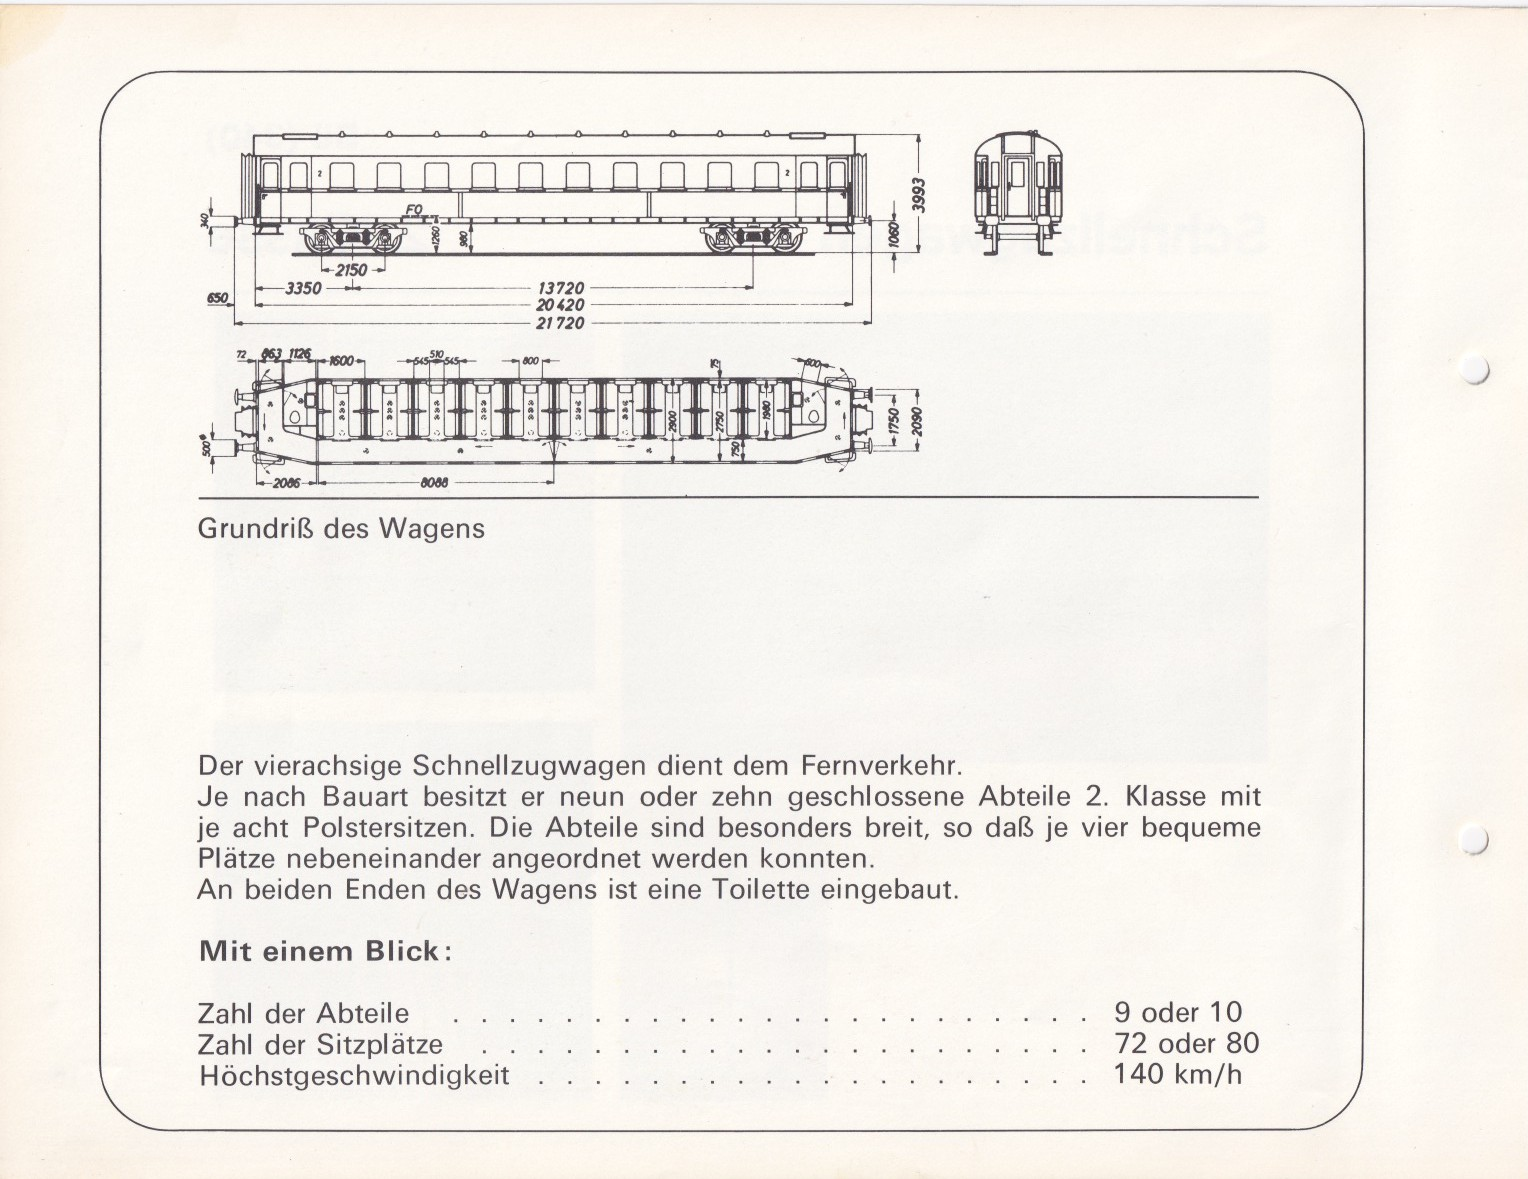 https://www.nullclub.de/hifo/Fahrzeuglexikon/Wagen15b.jpg